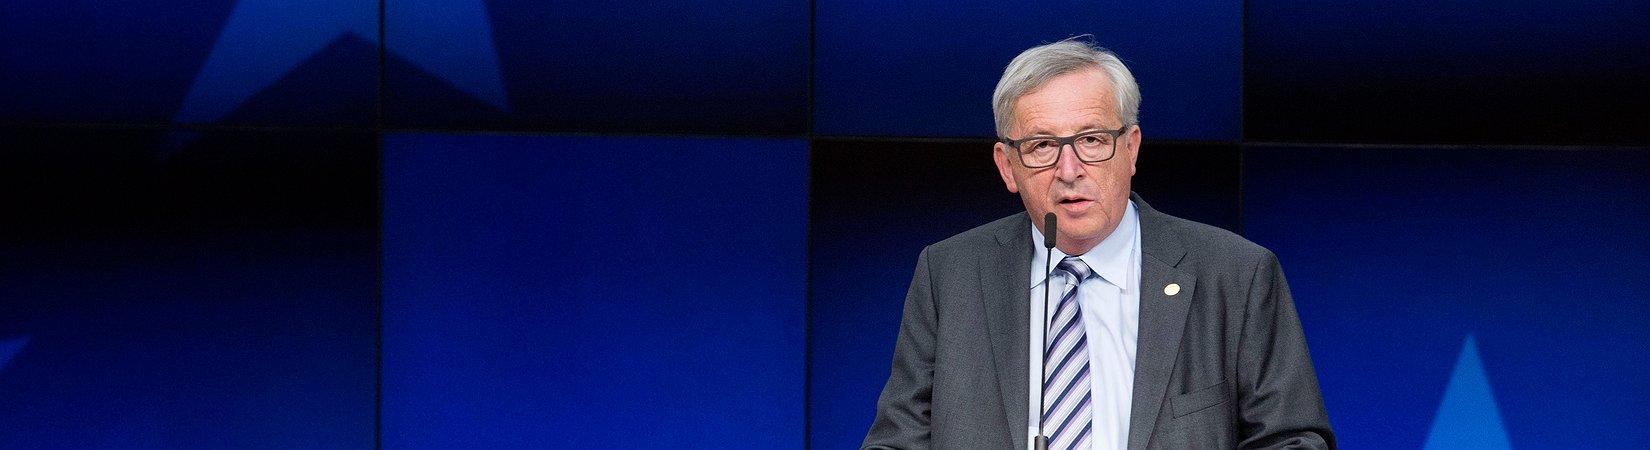 """El presidente de la Comisión Europea dice que """"El Brexit no amenaza a la UE"""""""